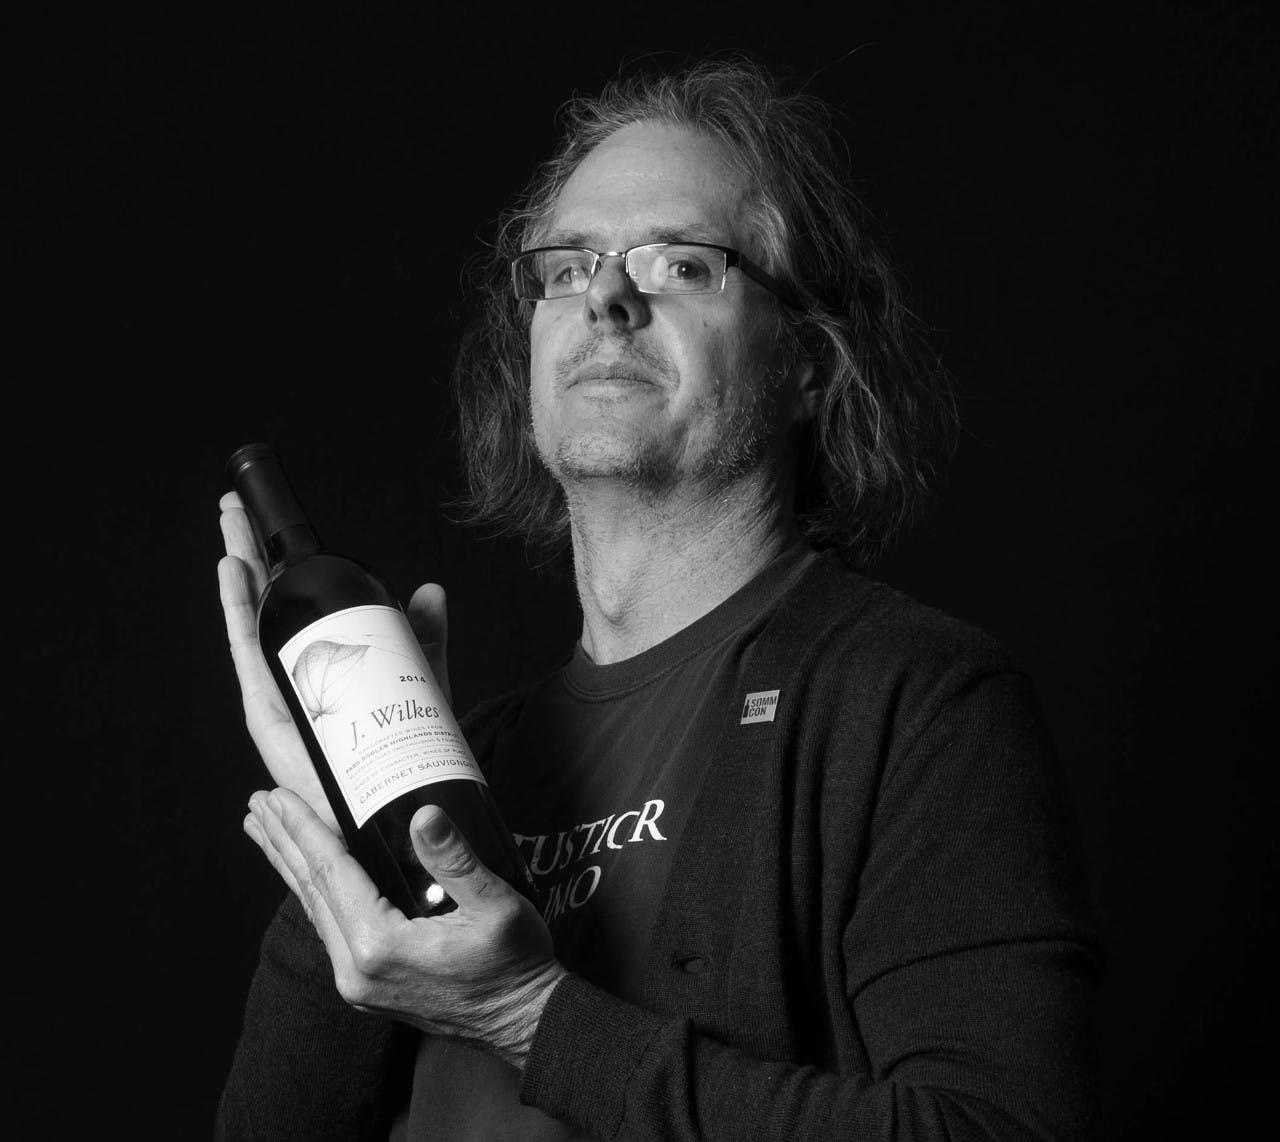 Doug Morrow holding a wine glass